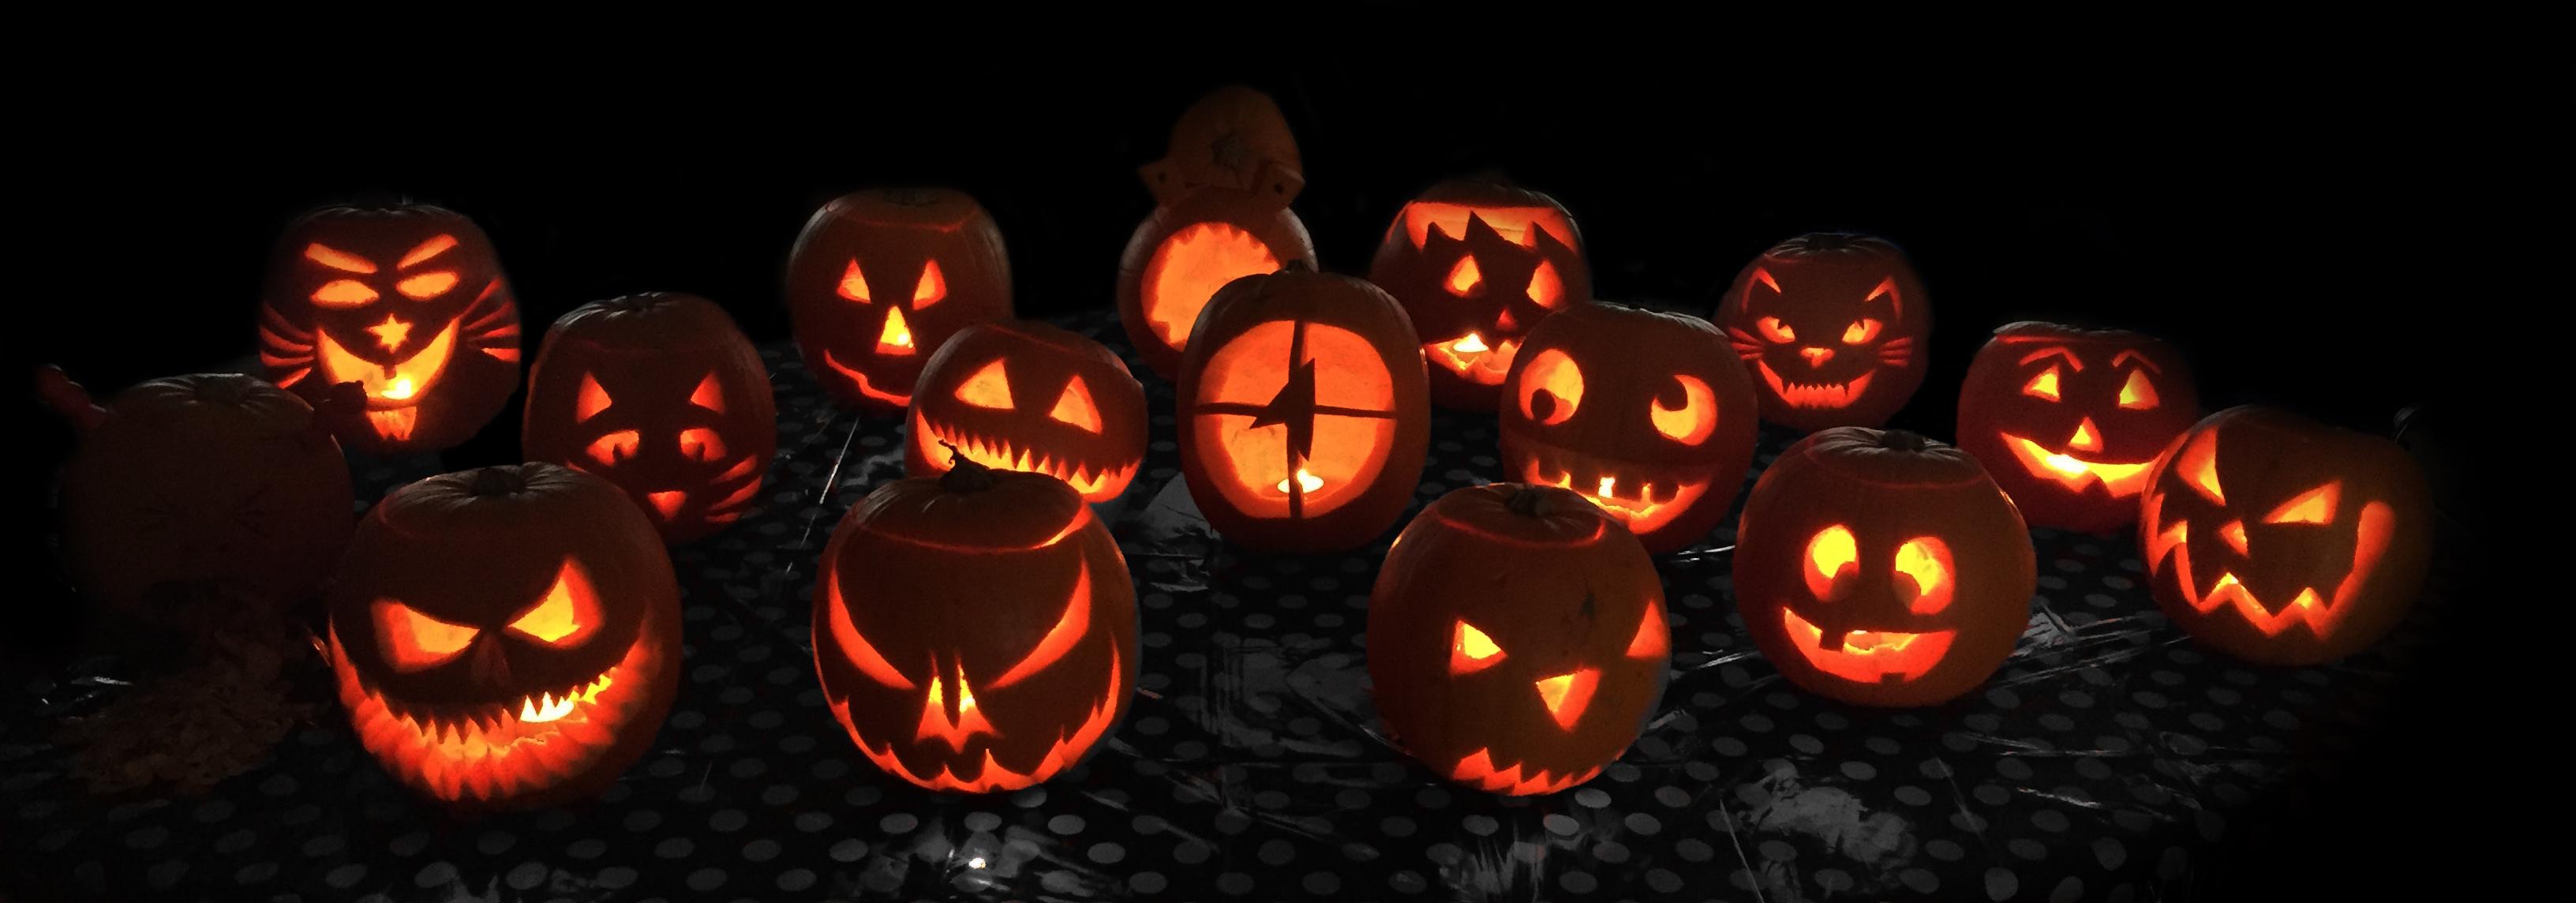 PumpkinCarving8.jpg#asset:338